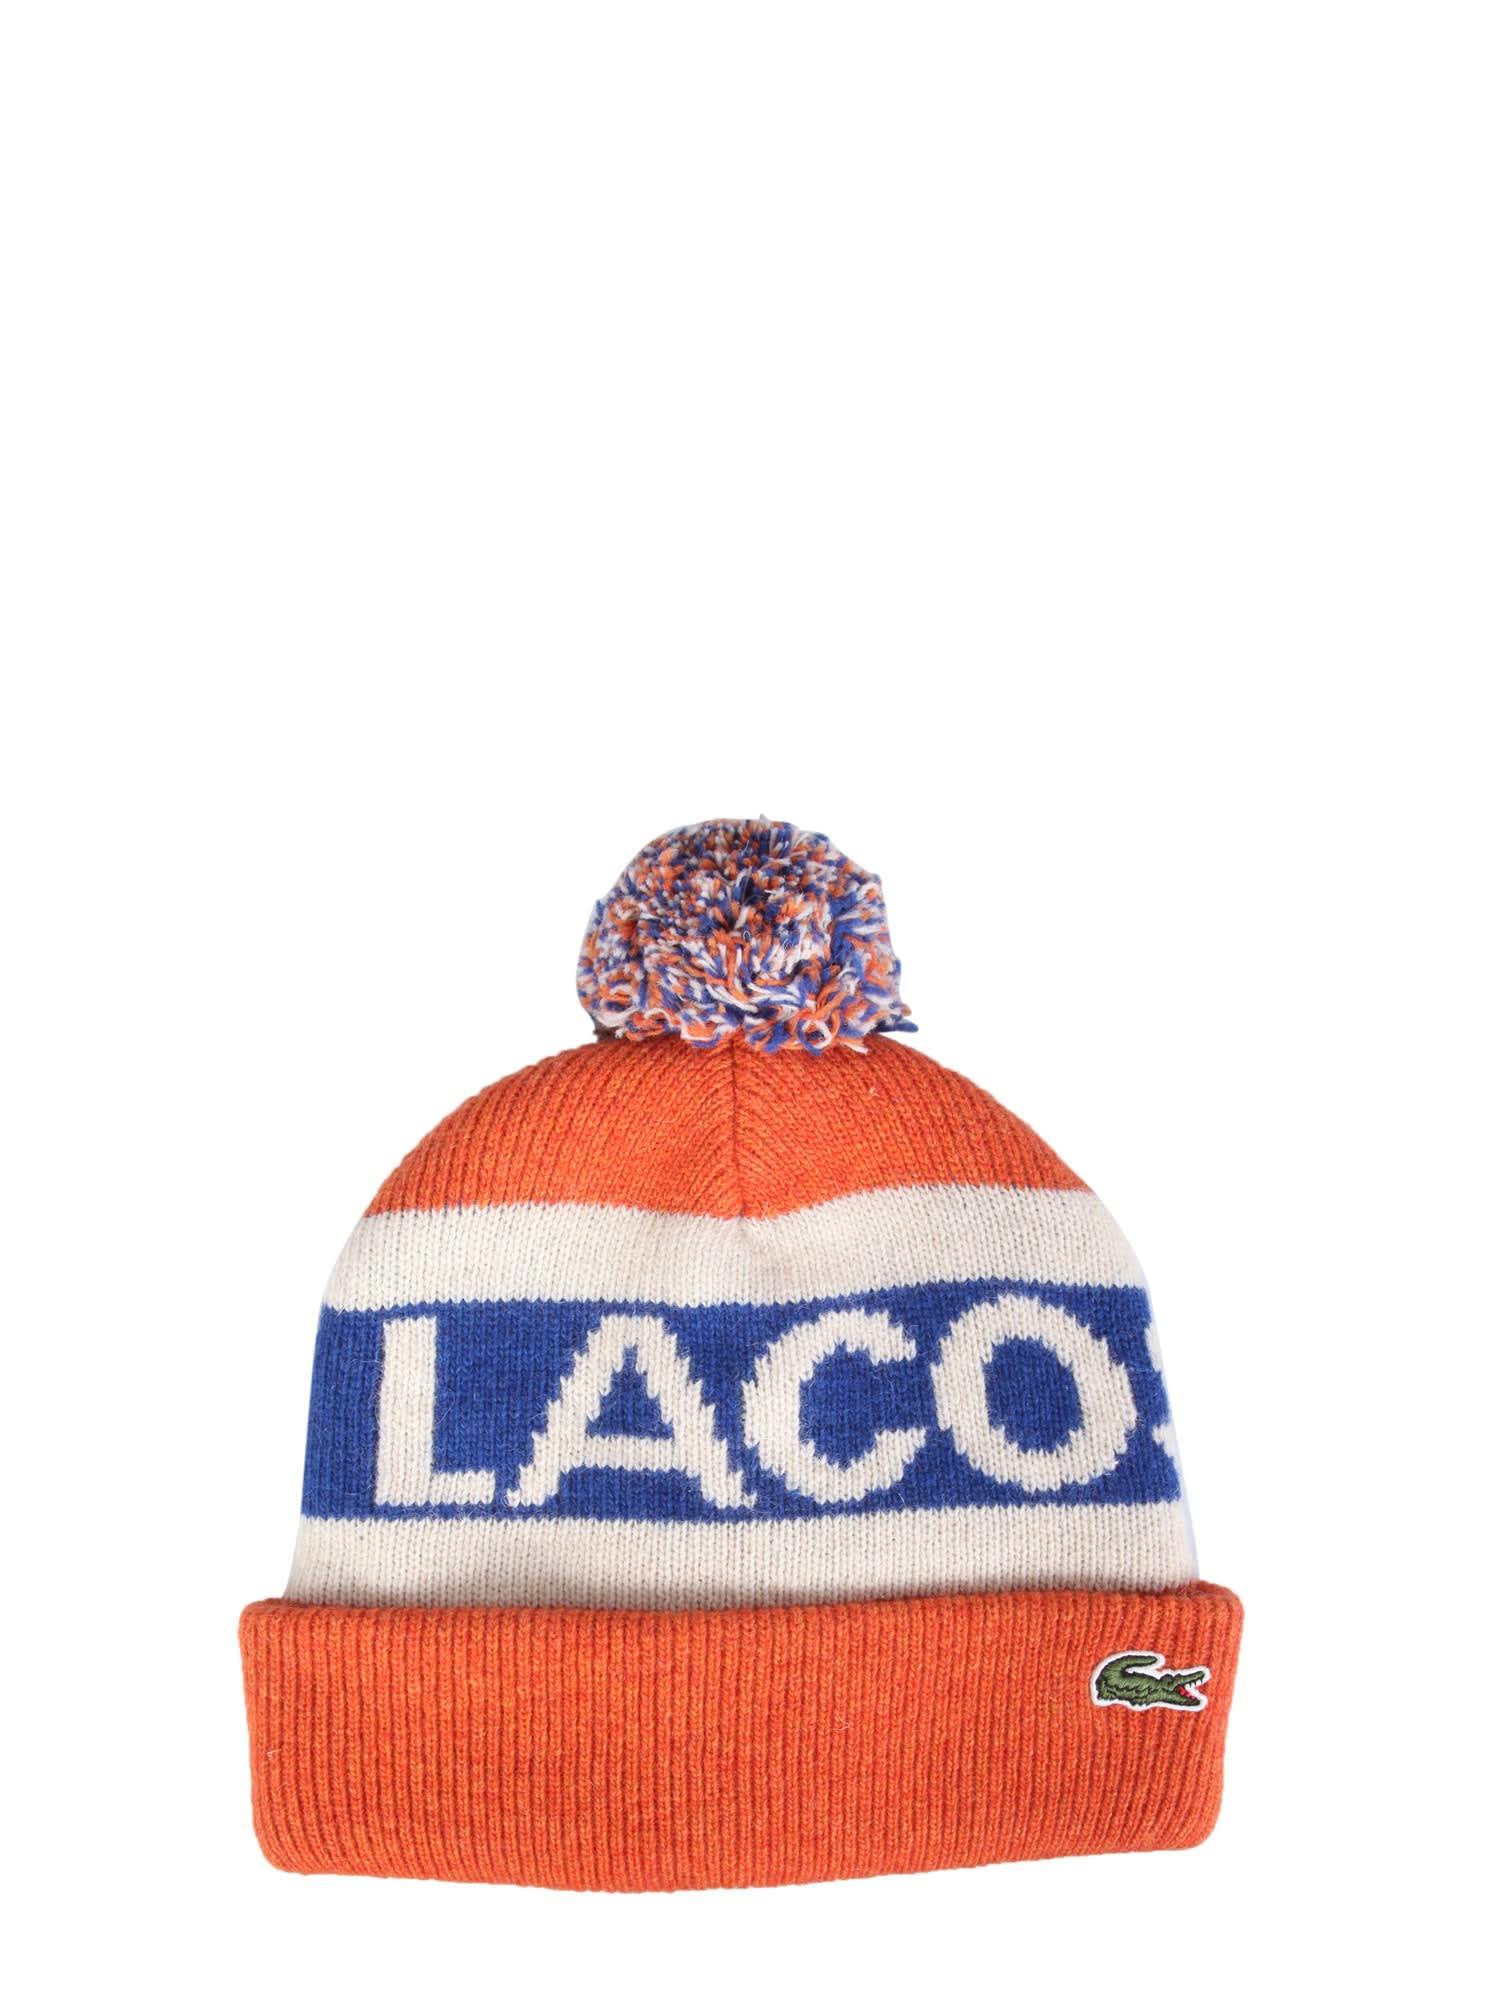 Lacoste L!VE Wool Hat